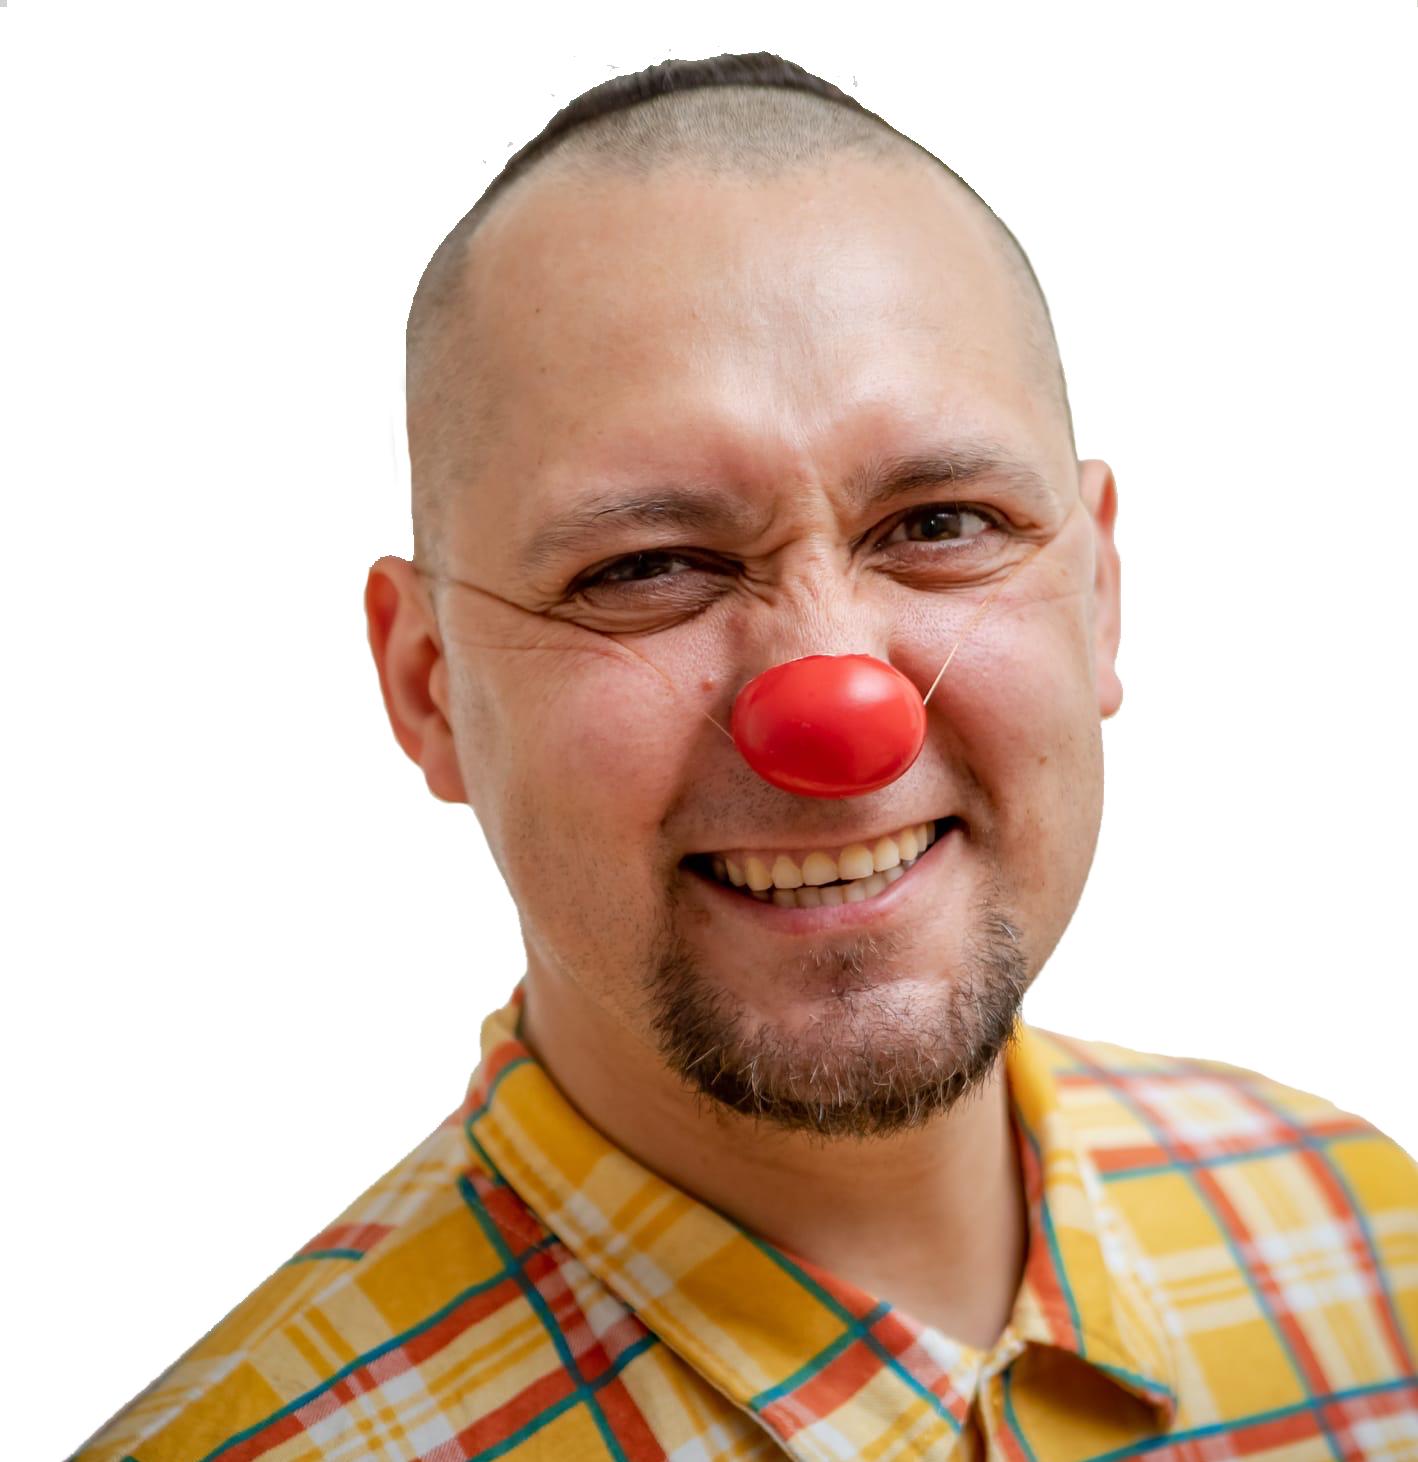 Седов Константин Сергеевич, педагог по игровой коммуникации и управлению стрессом